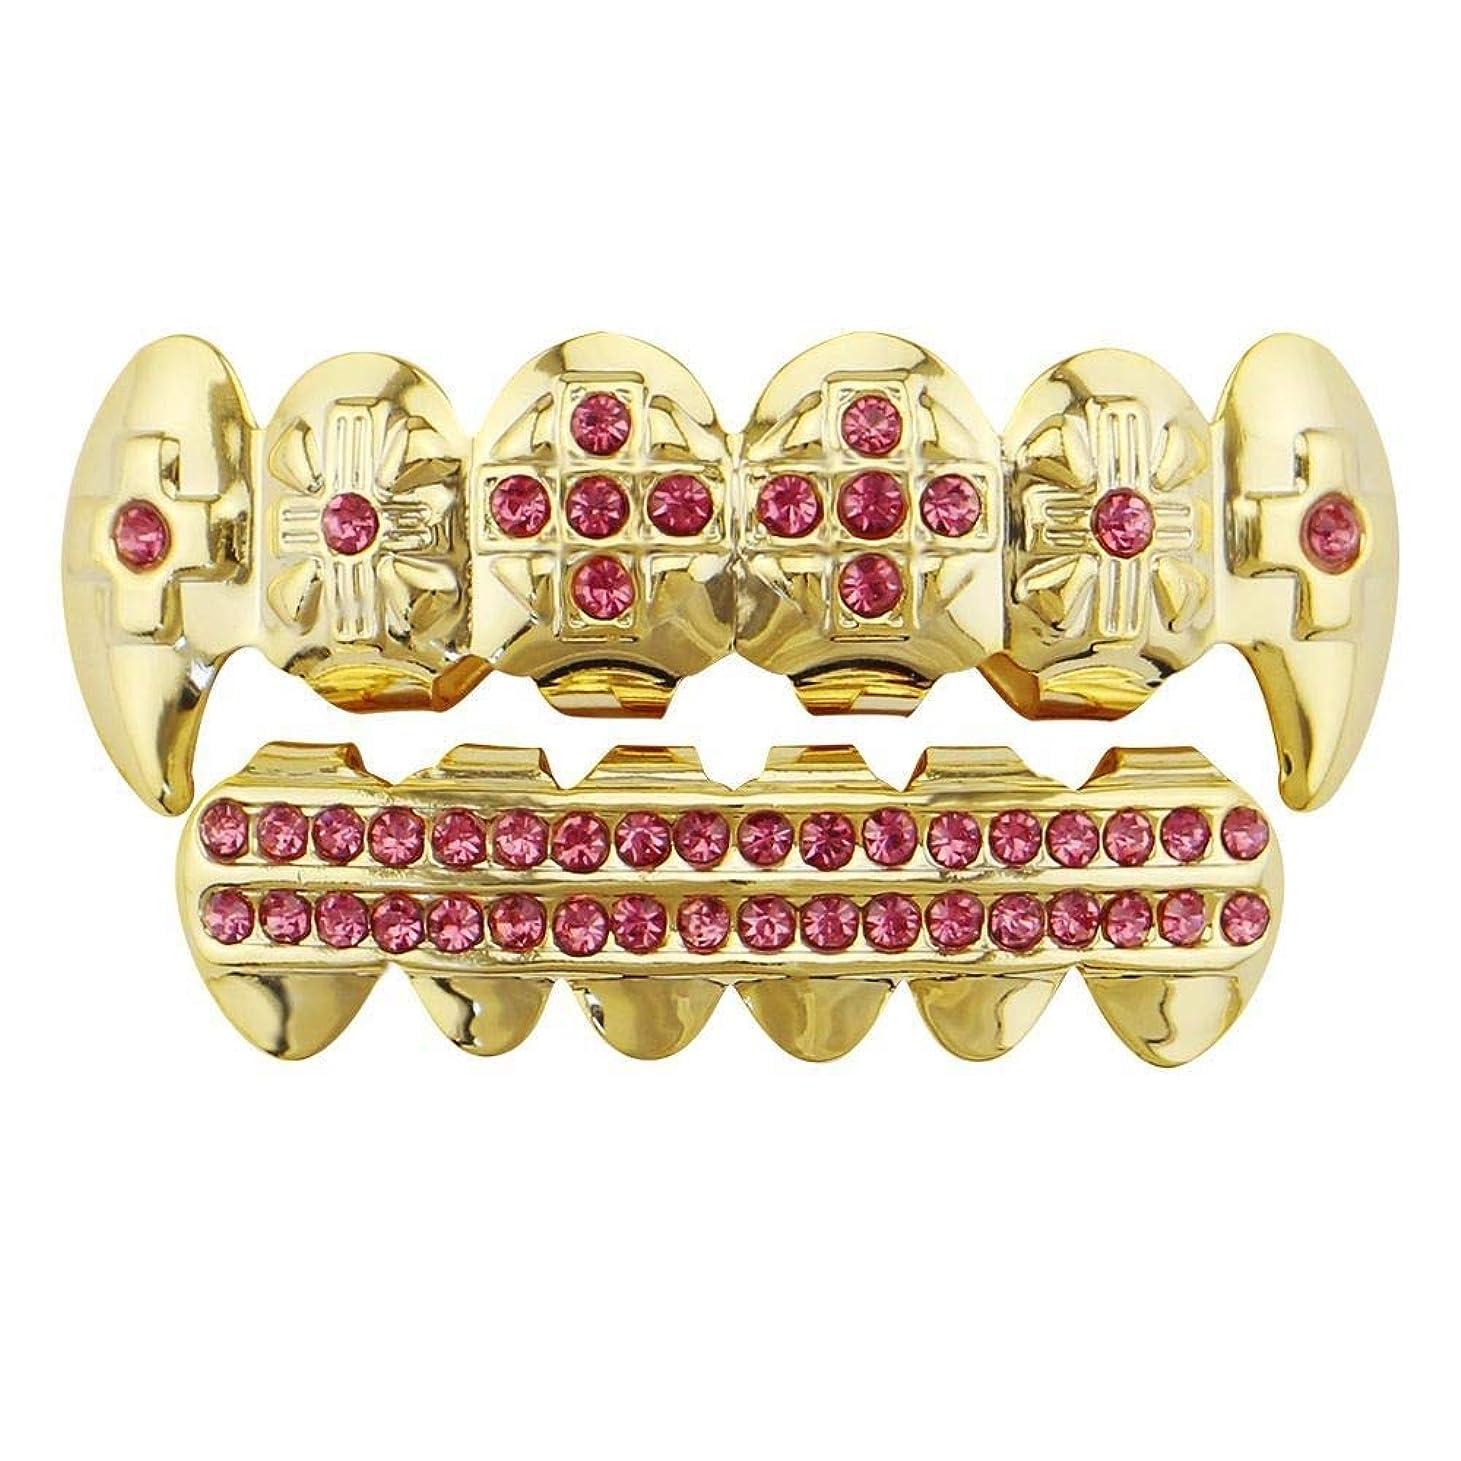 それ洪水ピザYHDD カラフルなラインストーンゴールドメッキヒップホップの歯のグリル - すべてのタイプの歯のための優れたカット - 上下のグリルセット - ヒップホップのキラキラ (色 : Pink)